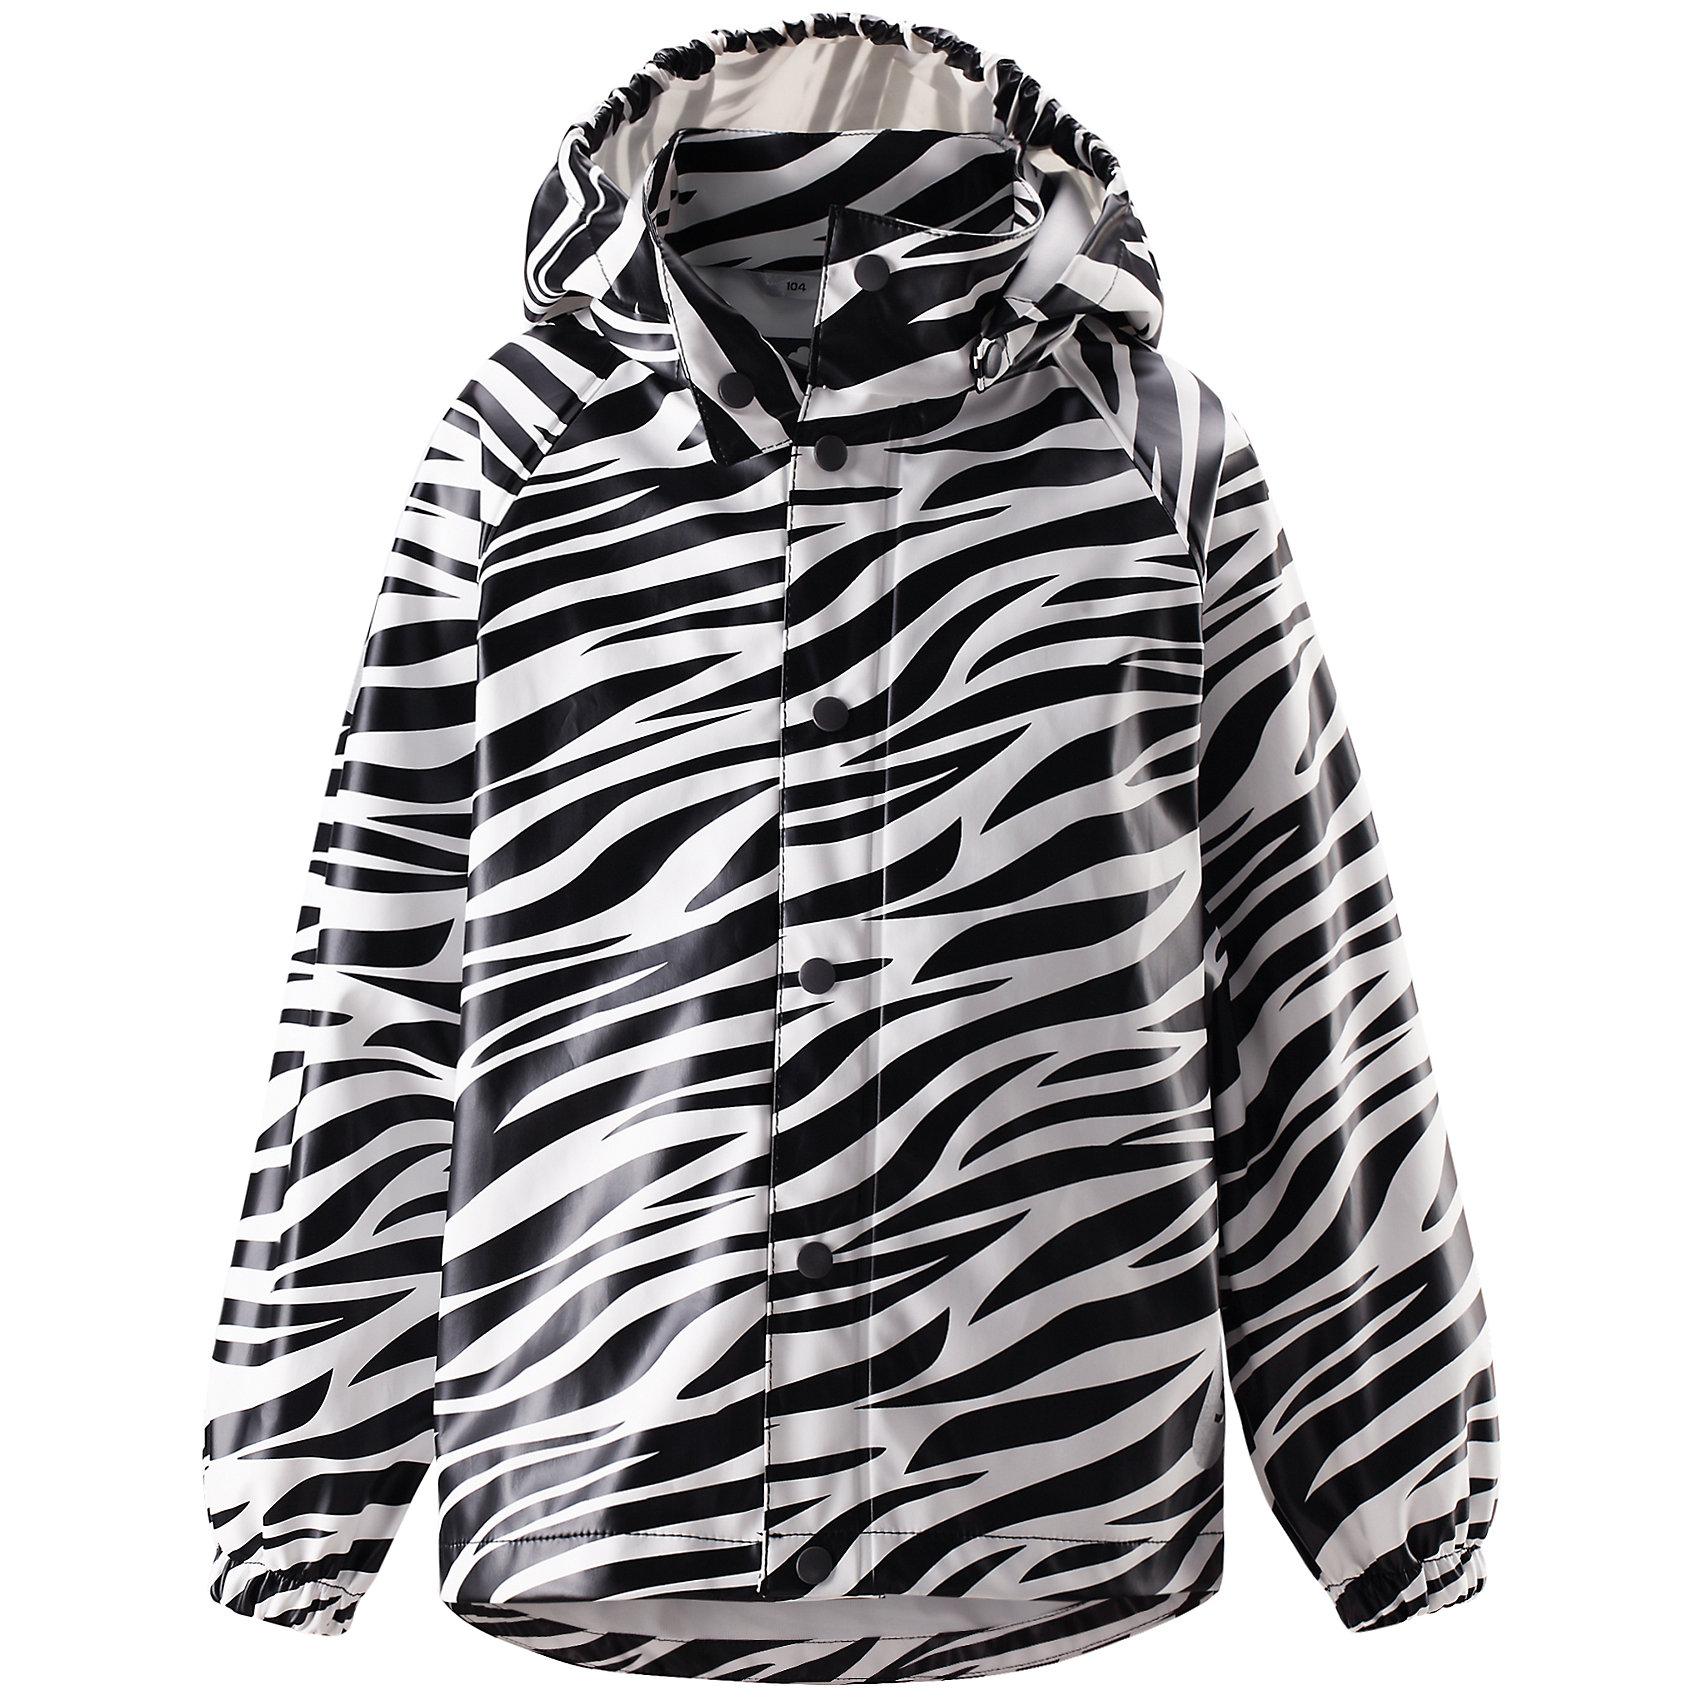 Куртка  LASSIEОдежда<br>Куртка для девочки от известной компании LASSIE<br><br>Демисезонная куртка - отличная вещь для прогулок и активного отдыха. Она создана для прохладной погоды - спасет от ветра и дождя.<br>Куртка выполнена в оригинальной расцветке, легко надевается, не промокает. Ее очень просто чистить. Эта стильная и качественная вещь прослужит не один сезон!<br><br>Особенности модели:<br><br>- цвет: черный, белый;<br>- без утеплителя;<br>- рукава реглан;<br>- съемный капюшон;<br>- светоотражающие элементы;<br>- водо- и ветронепроницаемый, грязеотталкивающий материал;<br>- запаянные швы;<br>- застежки - кнопки;<br>- декорирована принтом;<br>- внизу рукавов - резинки.<br><br>Дополнительная информация:<br><br>Температурный режим: от +10° до +20° С<br><br>Состав: 100% полиэстер<br><br>Куртку для девочки от известной компании LASSIE (Лэсси Рейма) можно купить в нашем магазине.<br><br>18<br><br>Ширина мм: 356<br>Глубина мм: 10<br>Высота мм: 245<br>Вес г: 519<br>Цвет: черный<br>Возраст от месяцев: 48<br>Возраст до месяцев: 60<br>Пол: Унисекс<br>Возраст: Детский<br>Размер: 110,92,128,116,104,98,122<br>SKU: 4555084